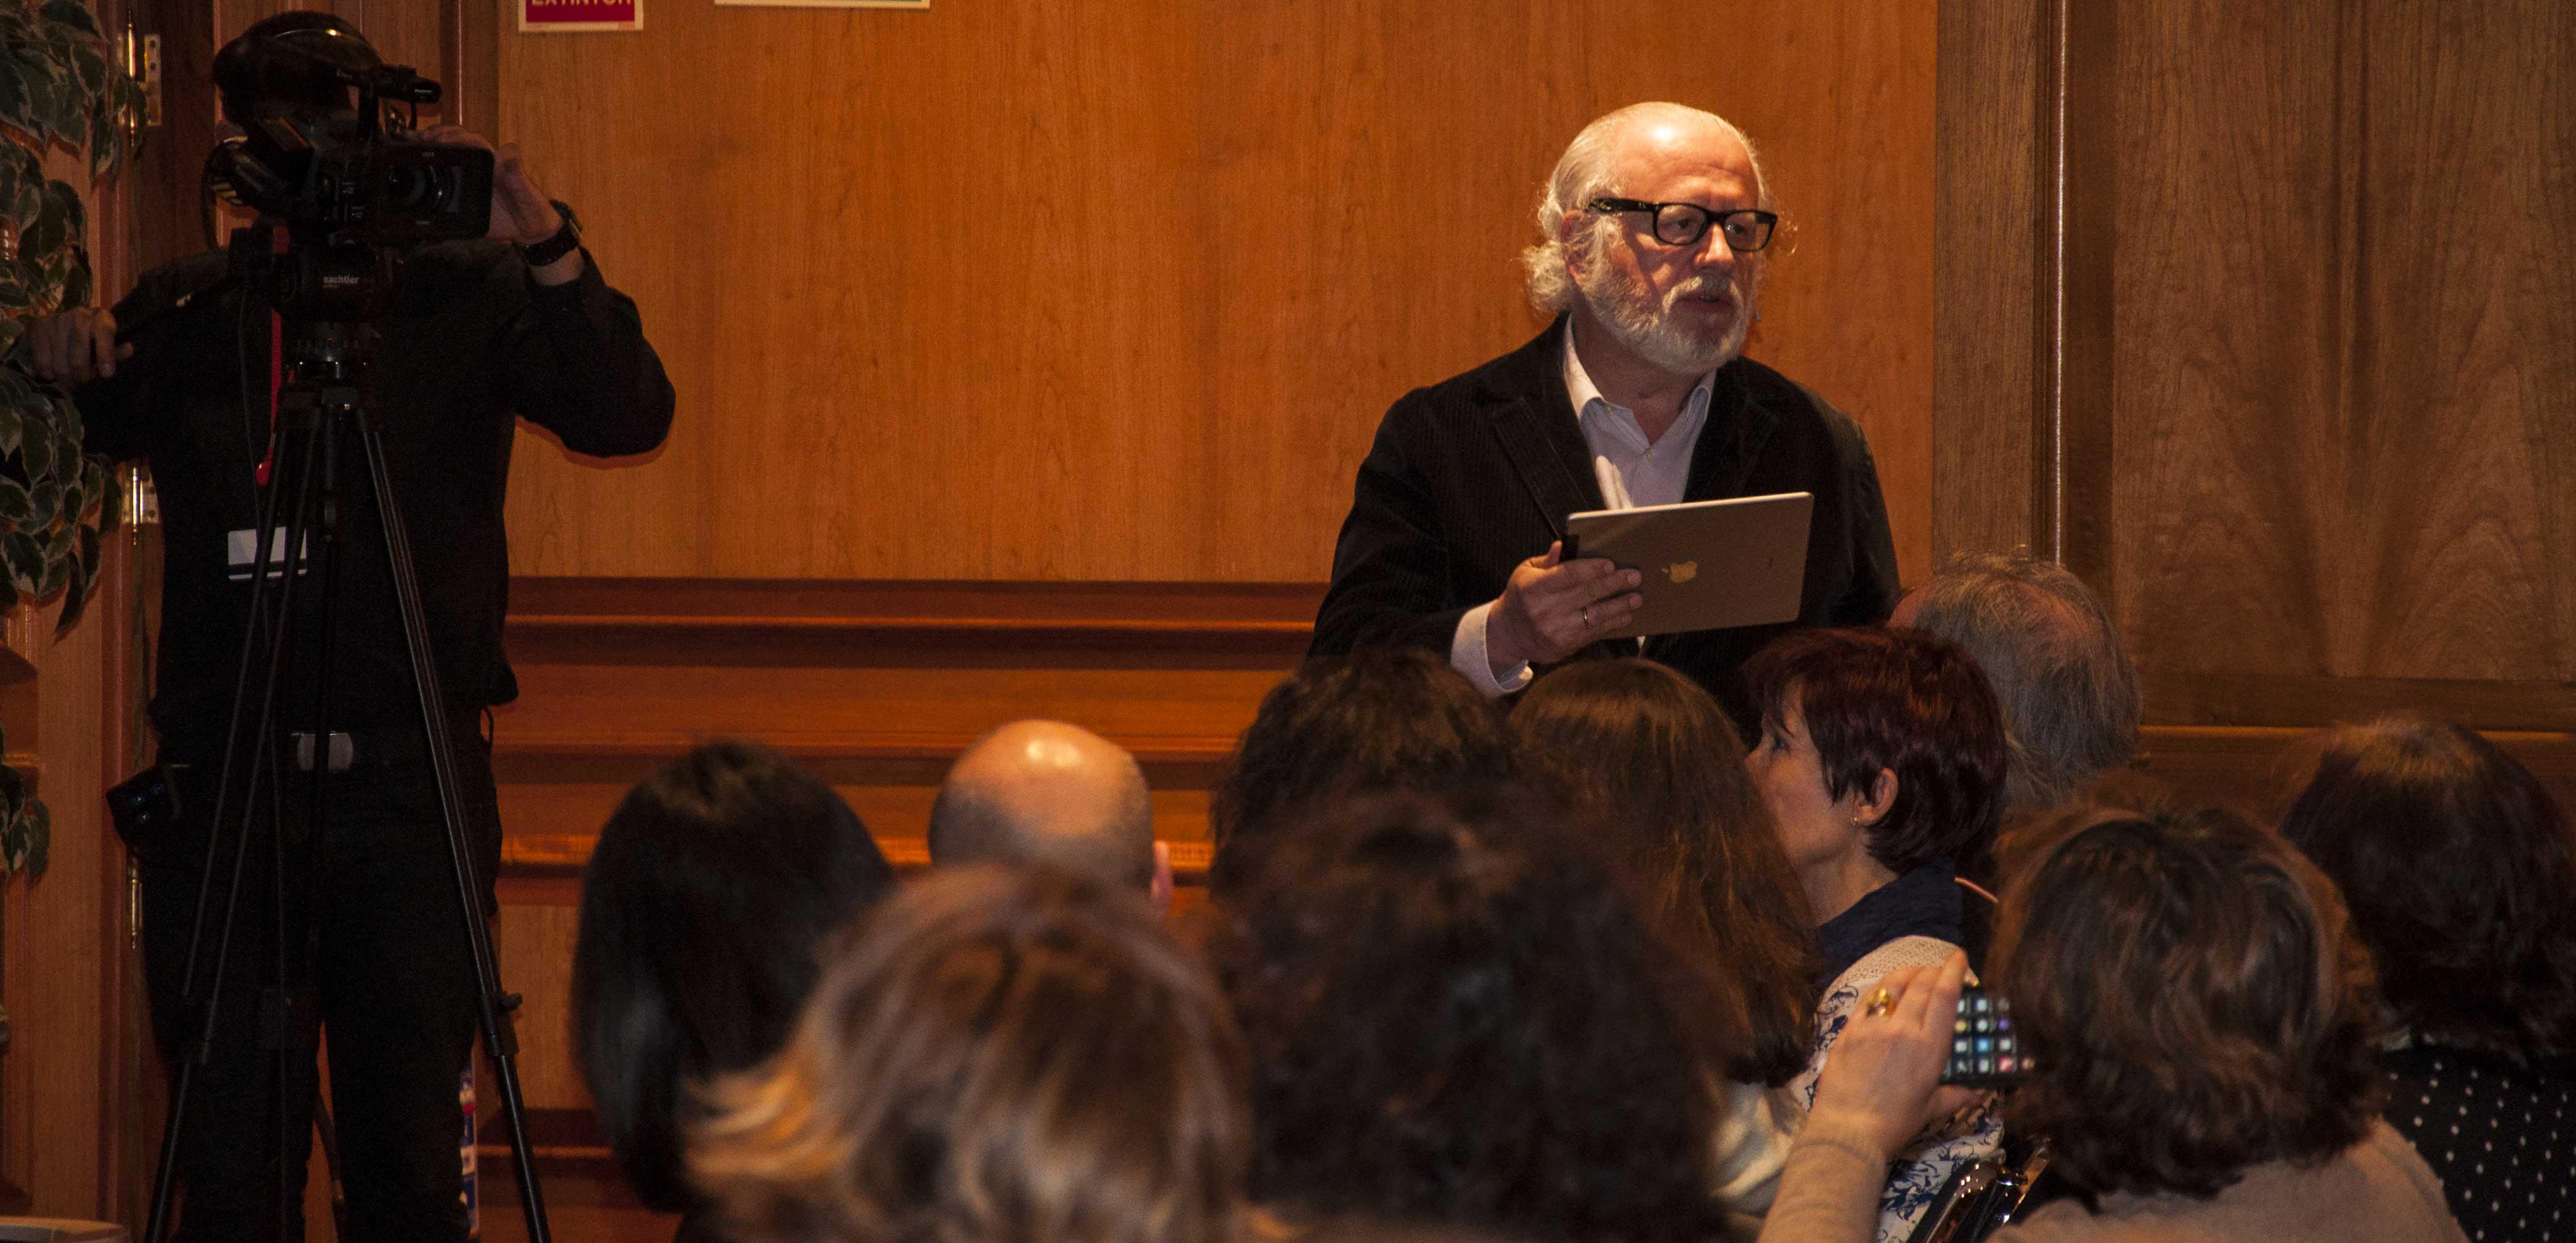 Juan Echanove cerró el acto con el soneto 'Don Belianís de Grecia a Don Quijote de la Mancha' de Cervantes.